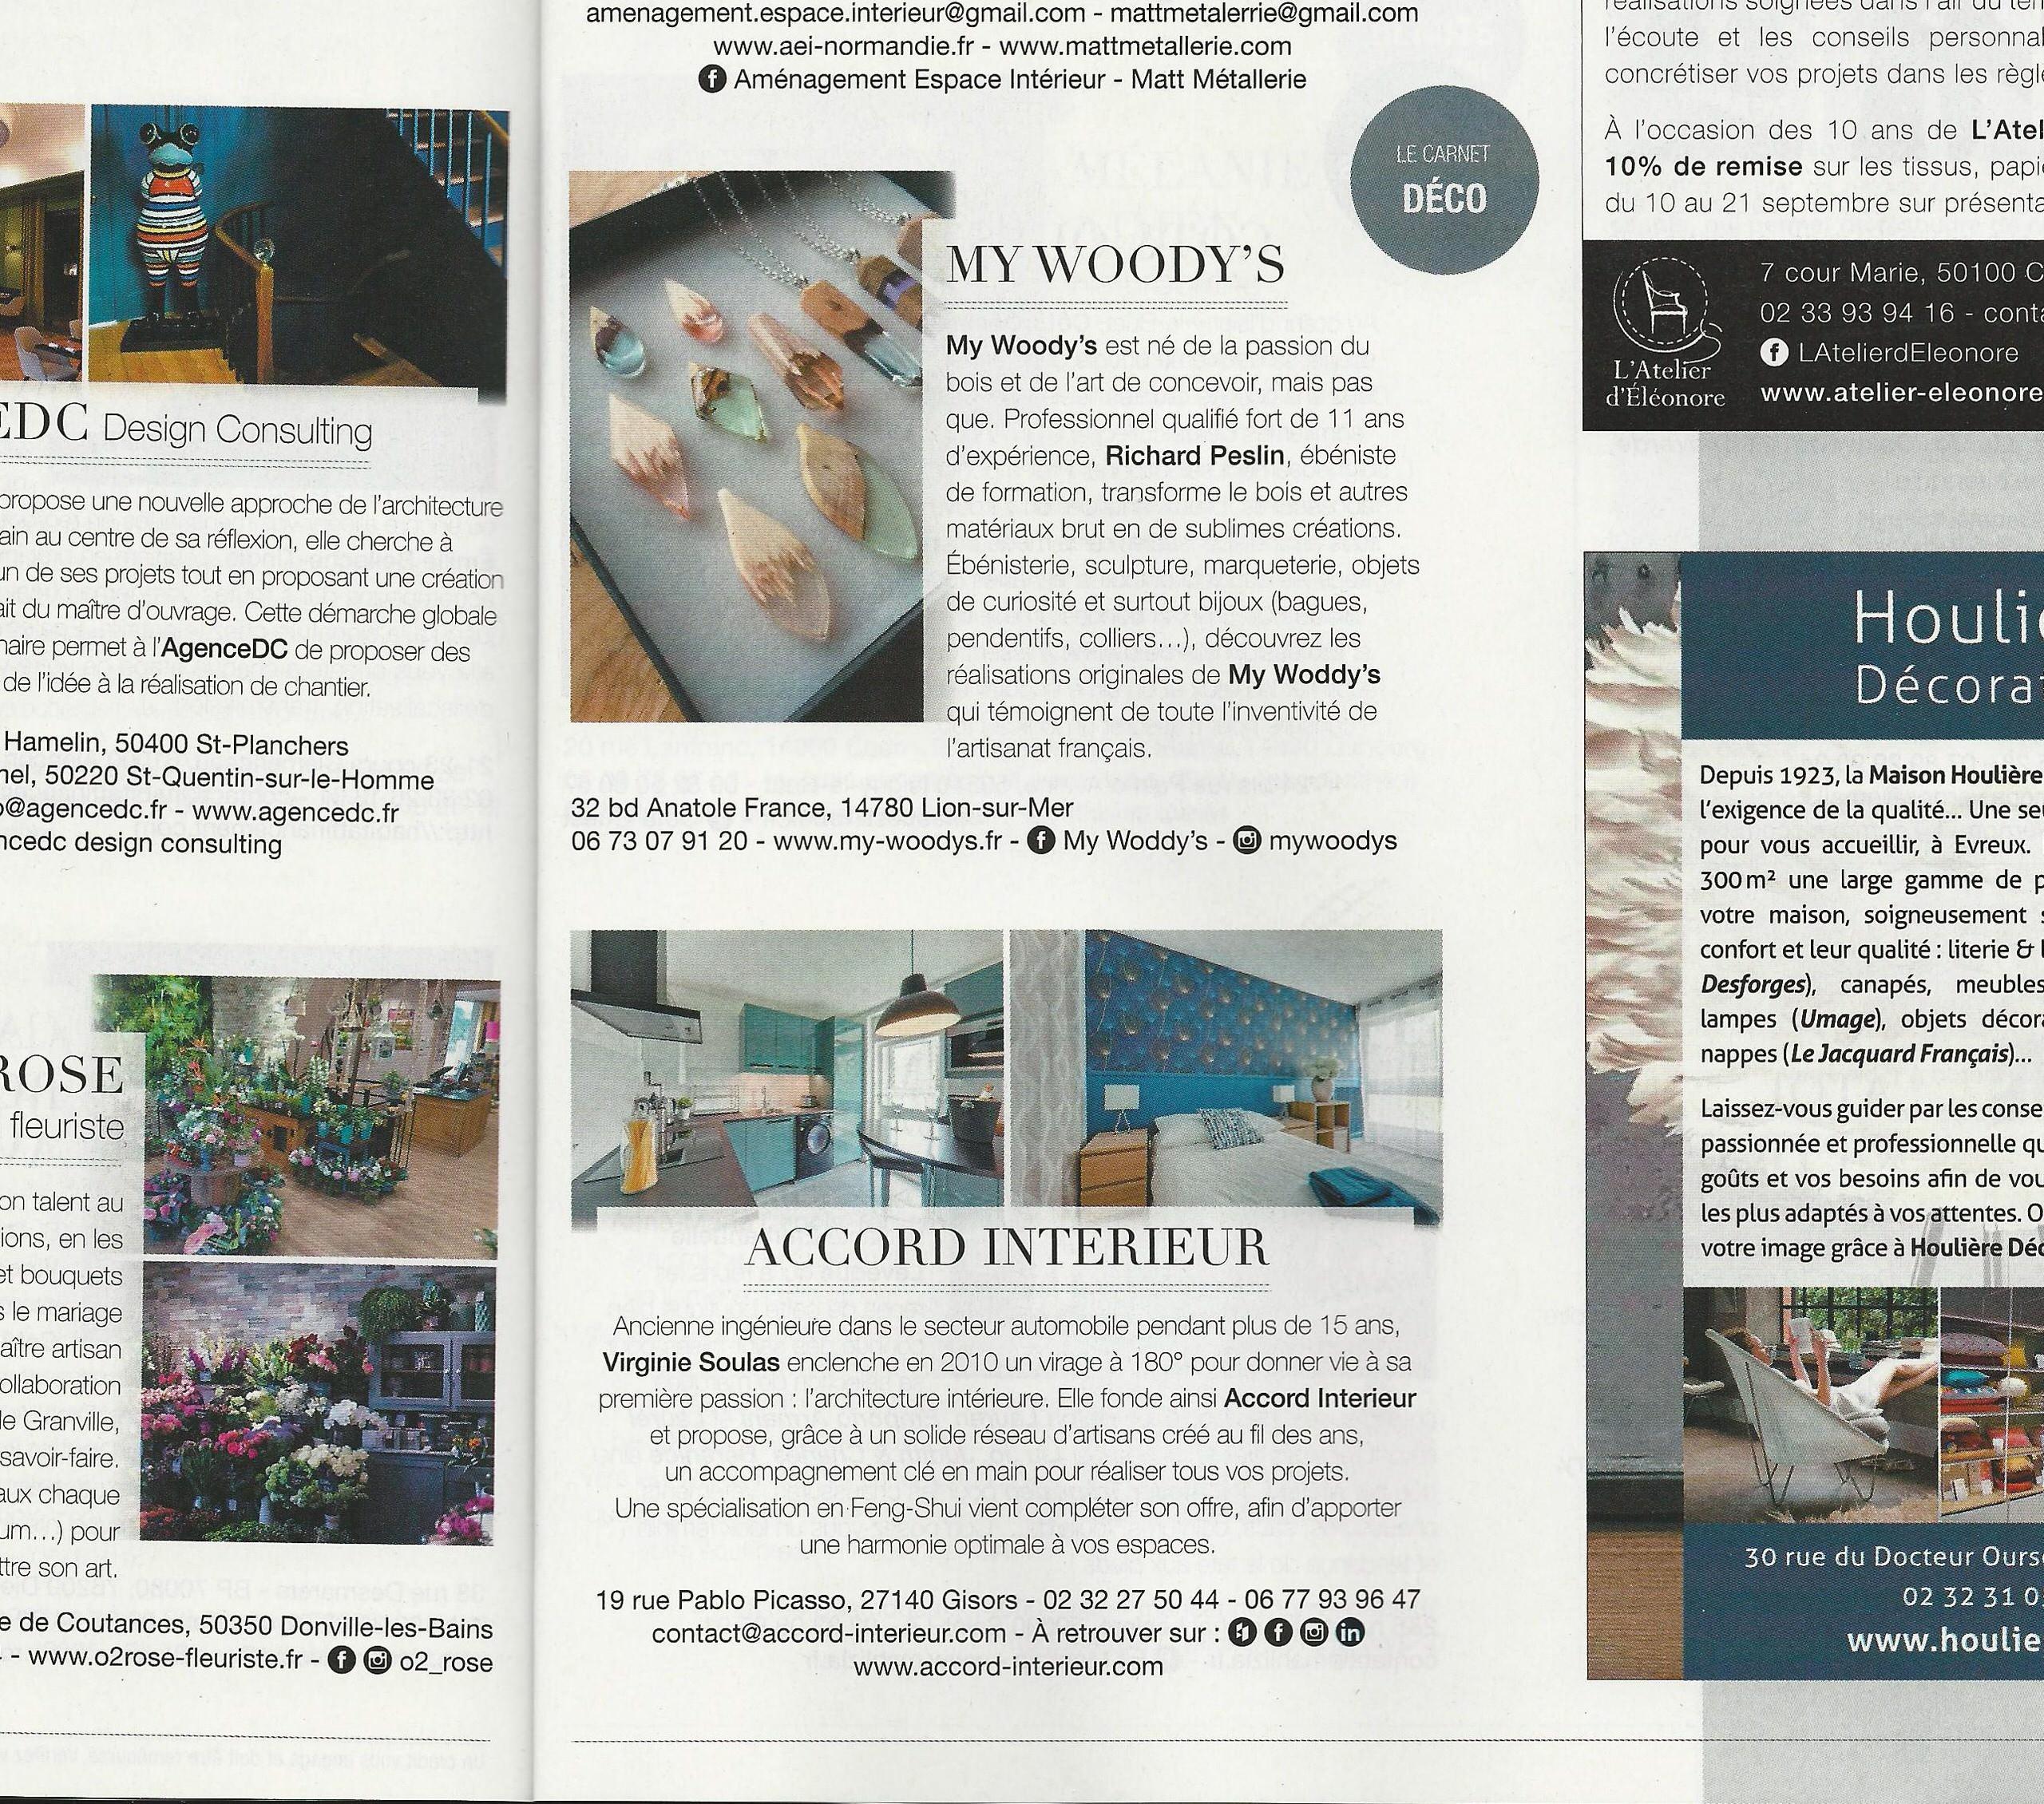 Parution magazine ELLE